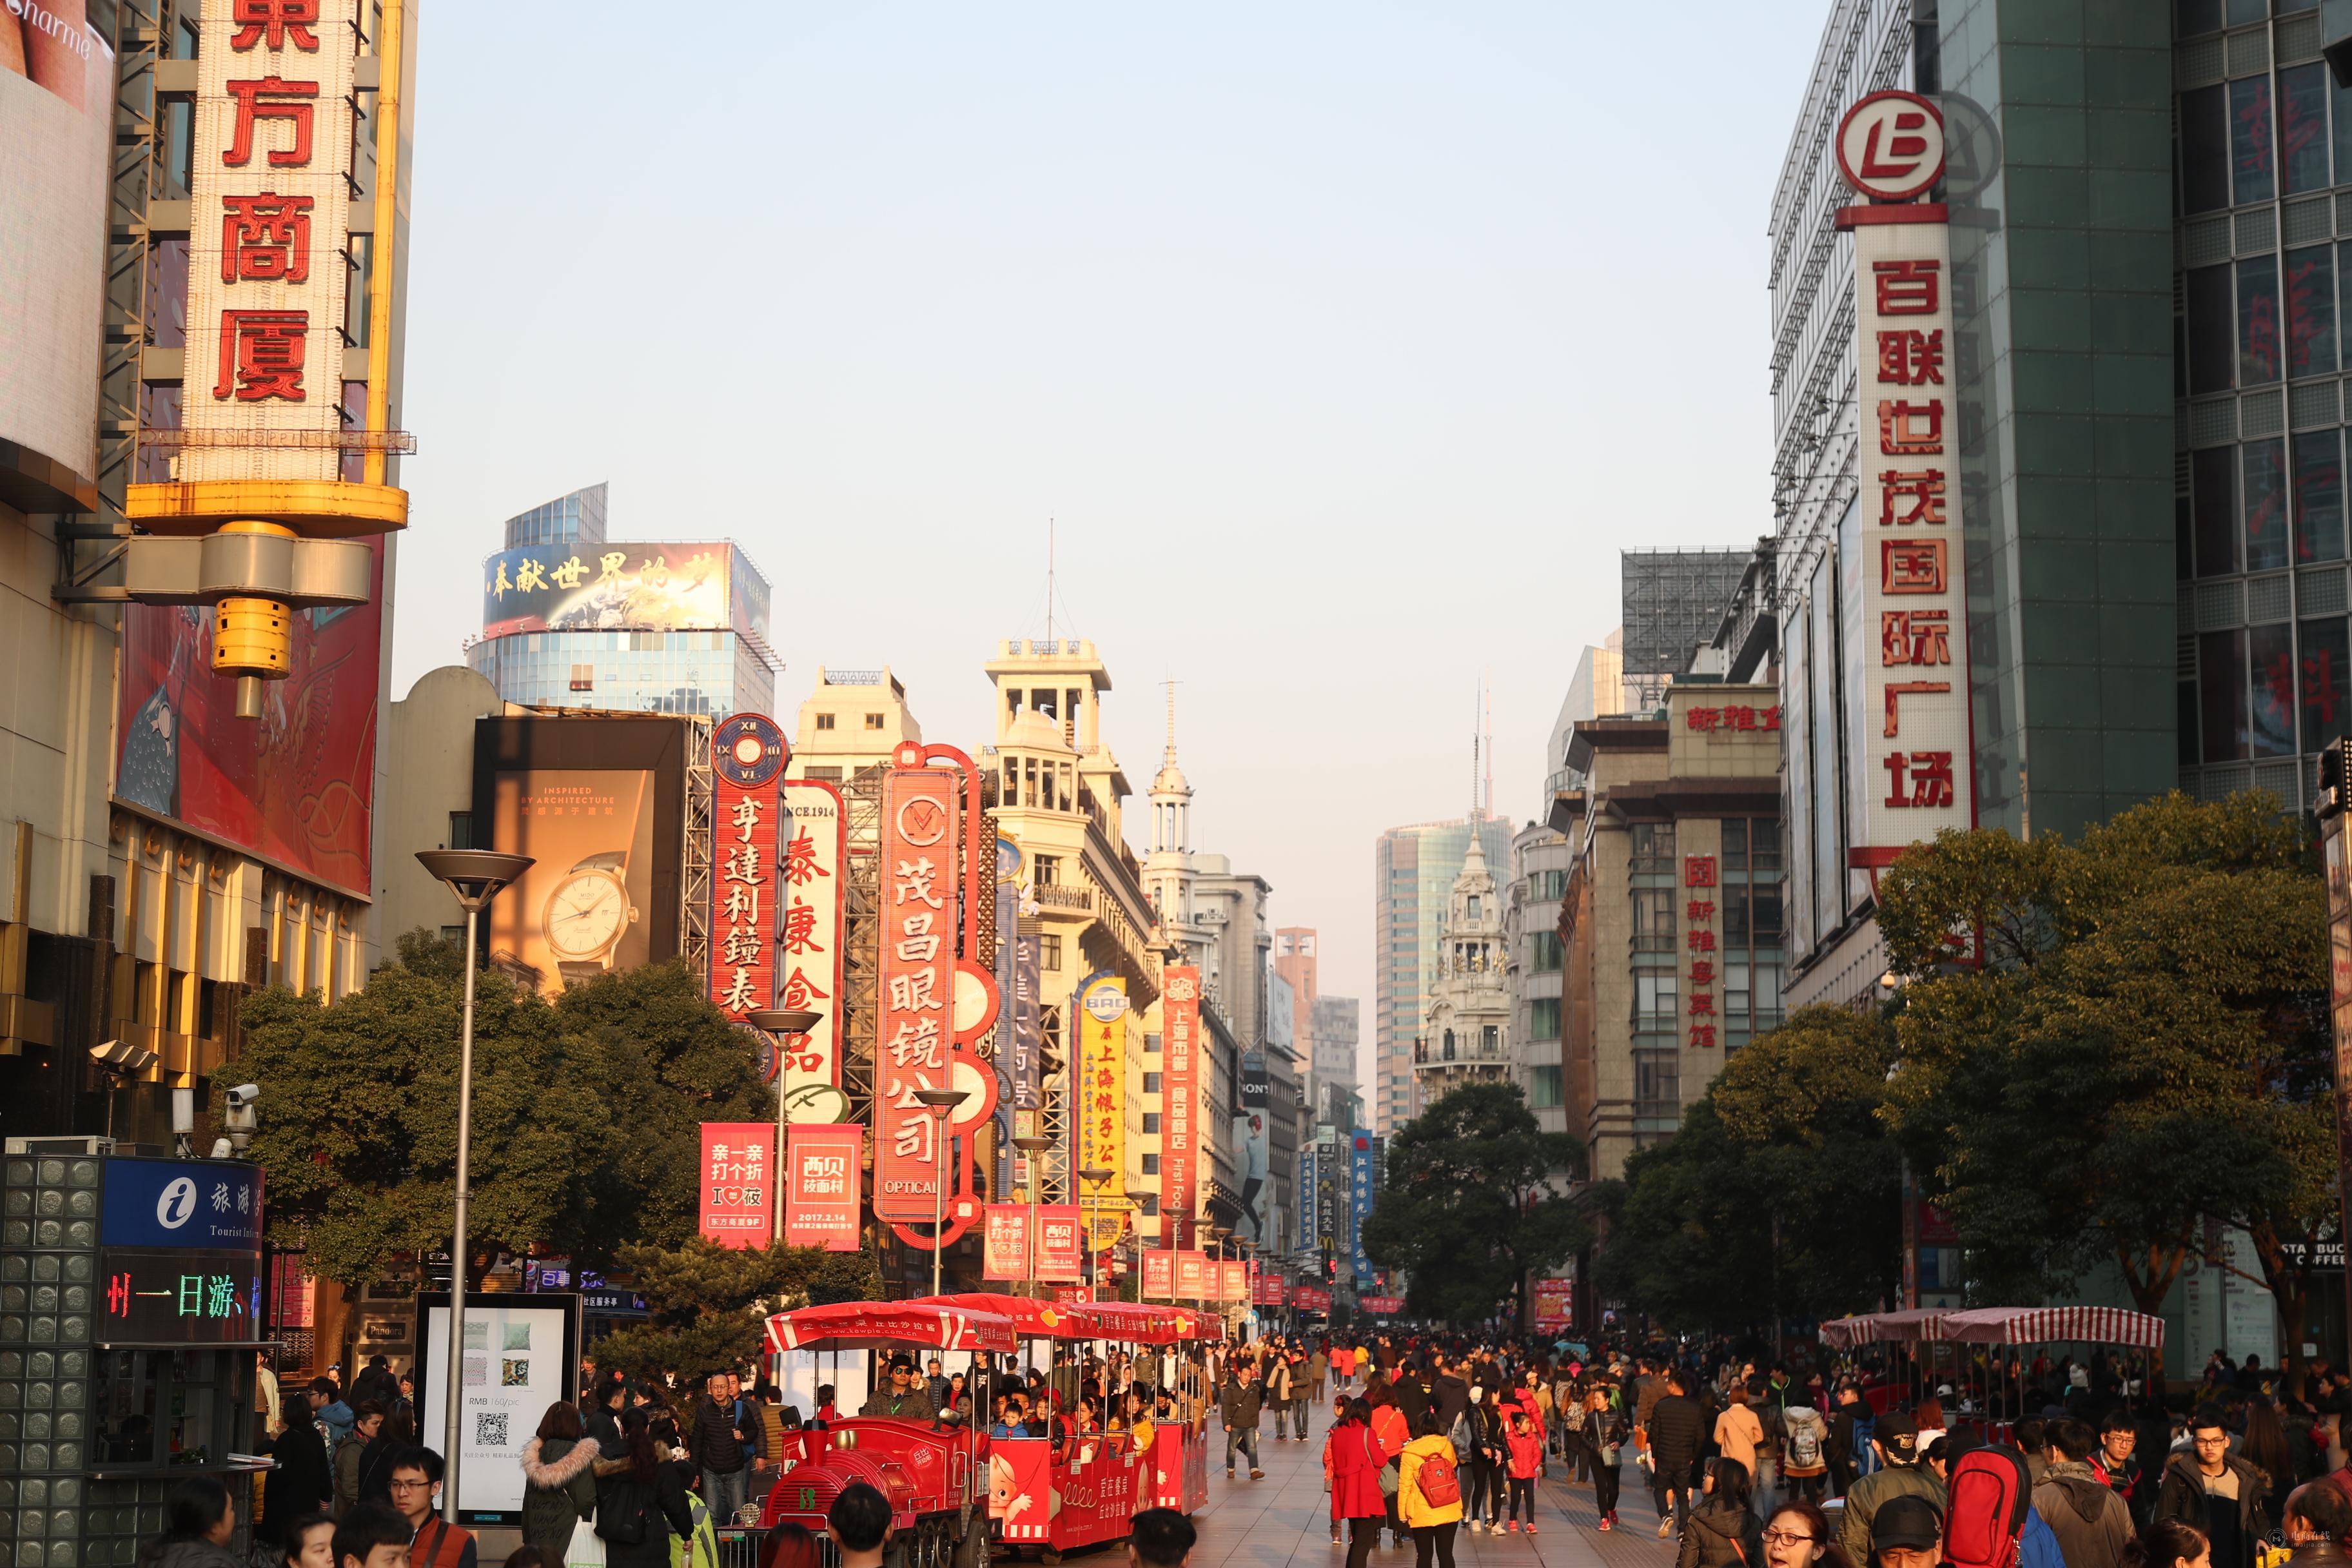 永安公司,东方商厦,第一八佰伴等),还拥有消费者熟知的世纪联华,华联